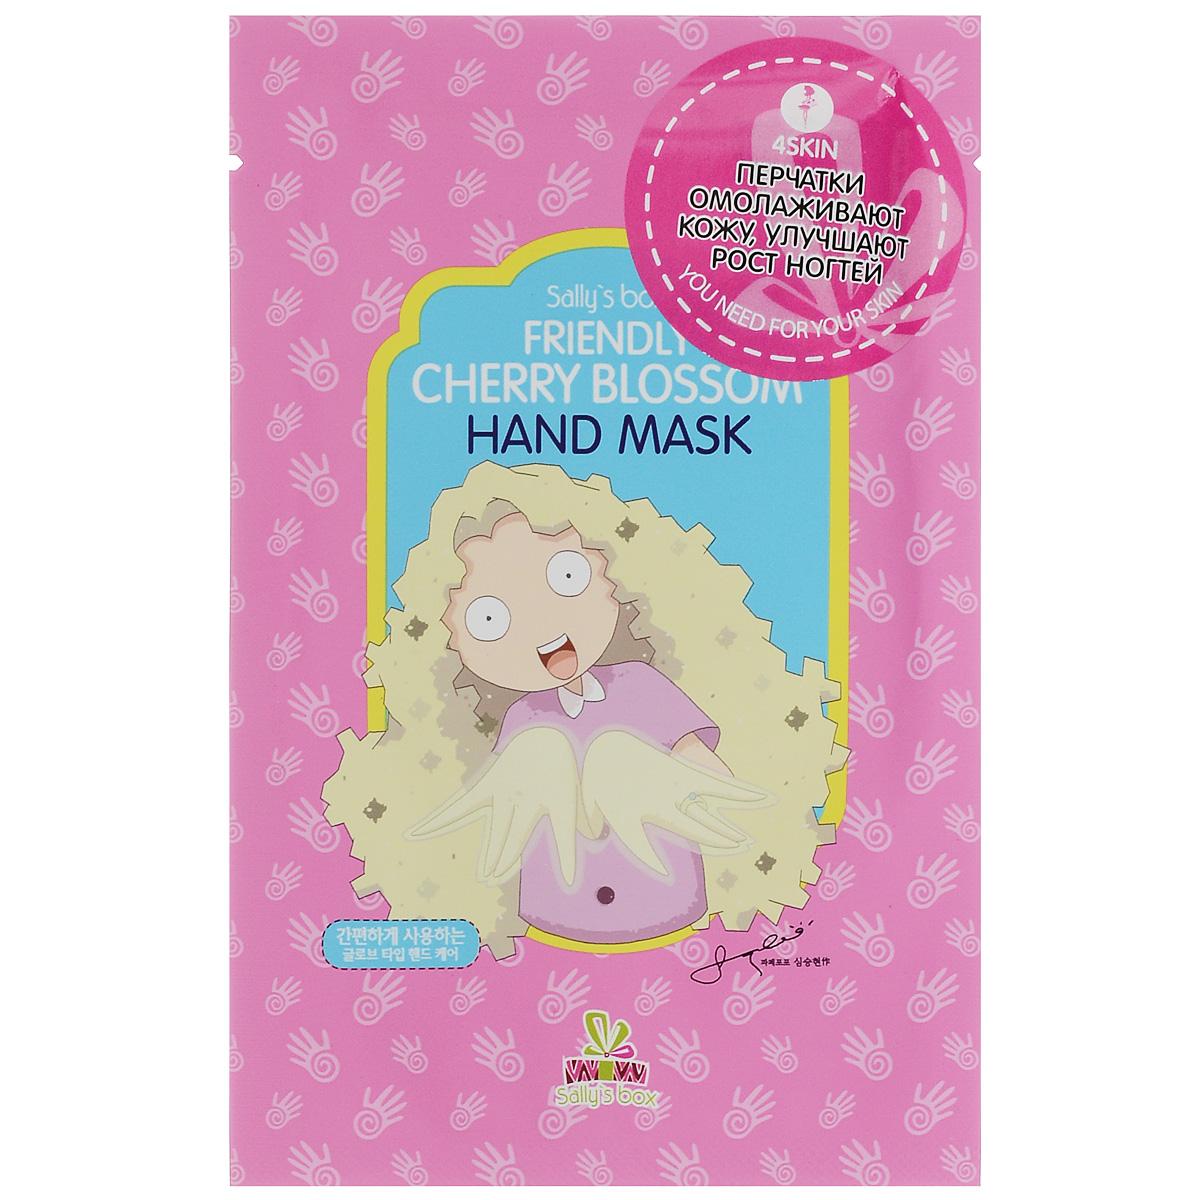 SALLY`S BOX Увлажняющие перчатки CHEERY BLOSSOM813362Увлажняющие перчатки для рук SALLYS BOX предназначены для глубокого увлажнения, питания и восстановления эластичности утомлённой кожи.Обогащенные комплексом природных экстрактов розмарина, сакуры, грейпфрута, а также маслам ши, маска быстро и глубоко проникает в кожу рук, питая и увлажняя ее, а новейшая разработка маски в форме перчаток позволит сделать процедуру наиболее эффективной и приятной.После применения маски для рук ваша кожа надолго останется гладкой, эластичной и шелковистой.